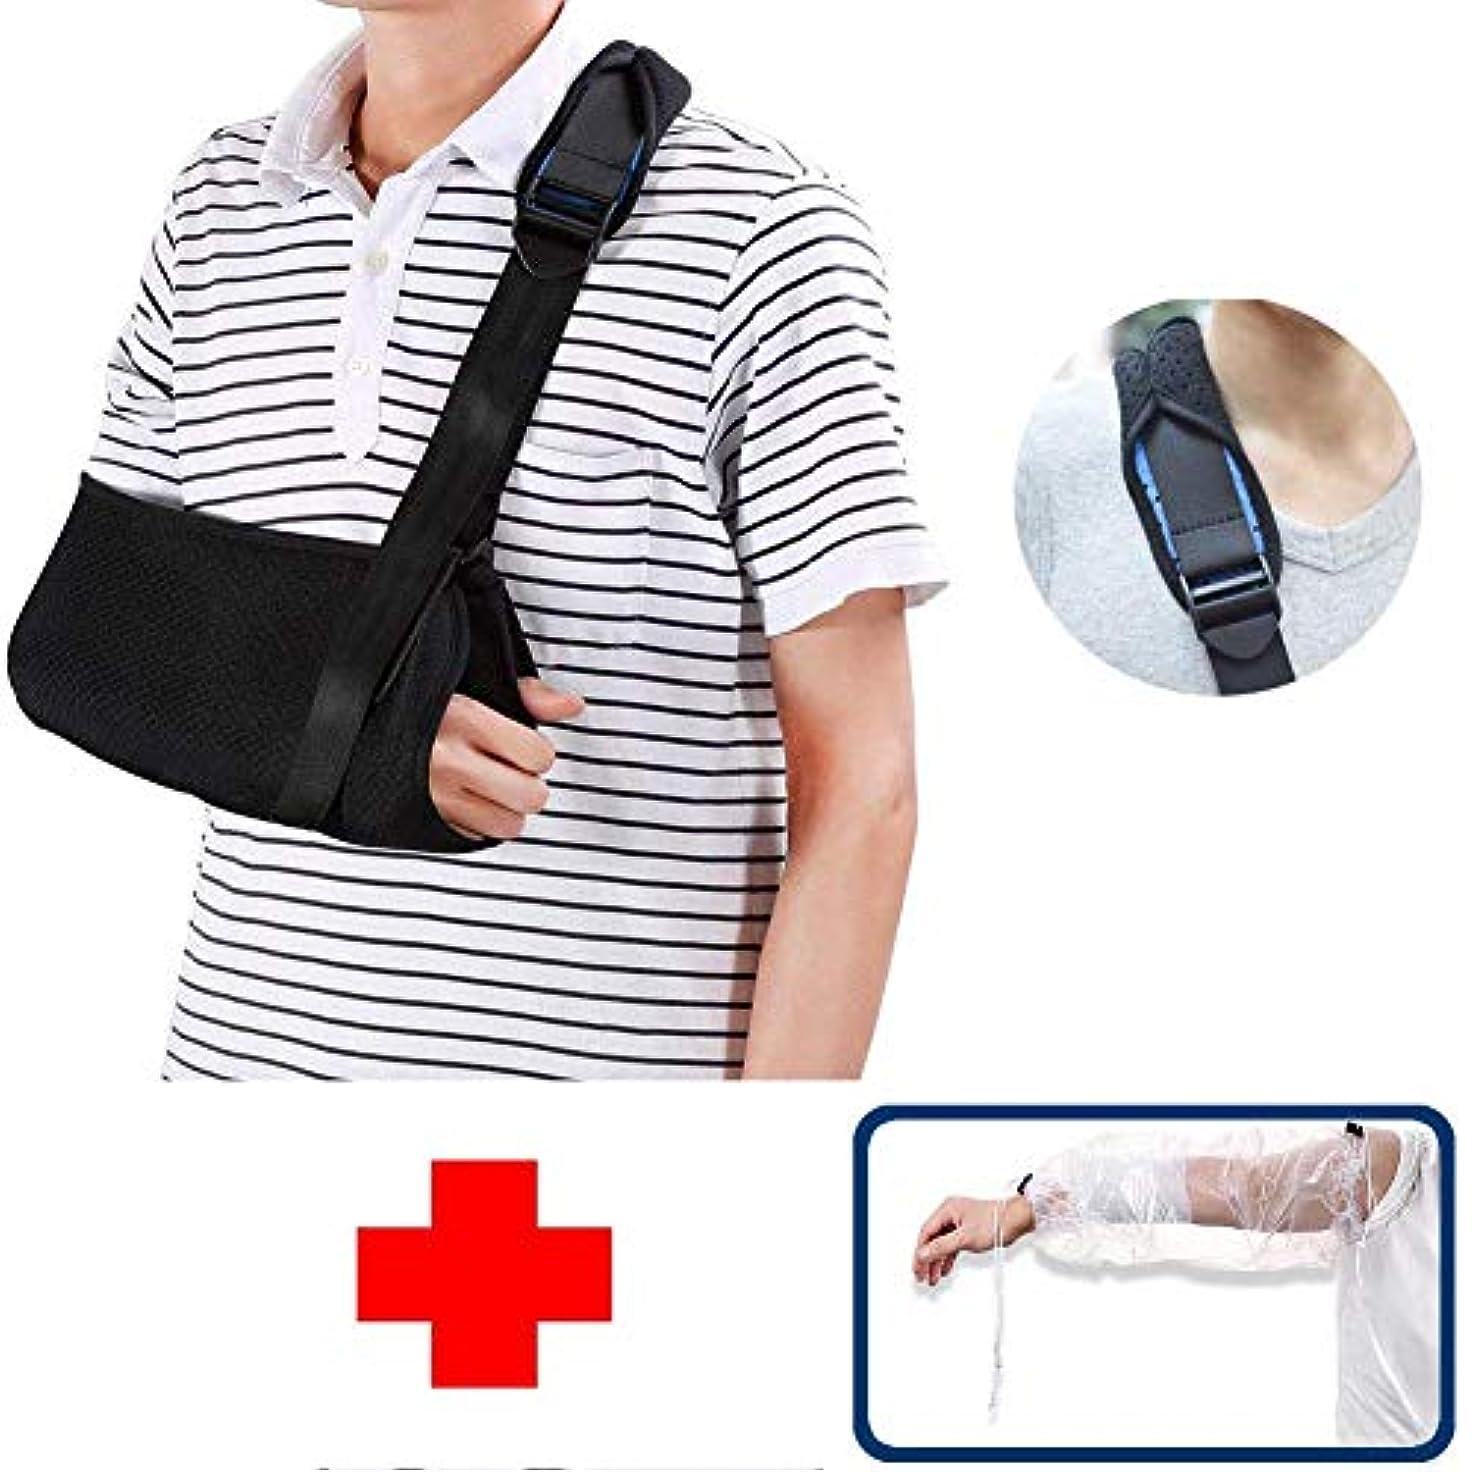 不正直ゴールデンエミュレートするアームスリング、左右アーム肘サポート用防水アームキャストカバー付き調節可能な壊れたアームイモビライザー、S